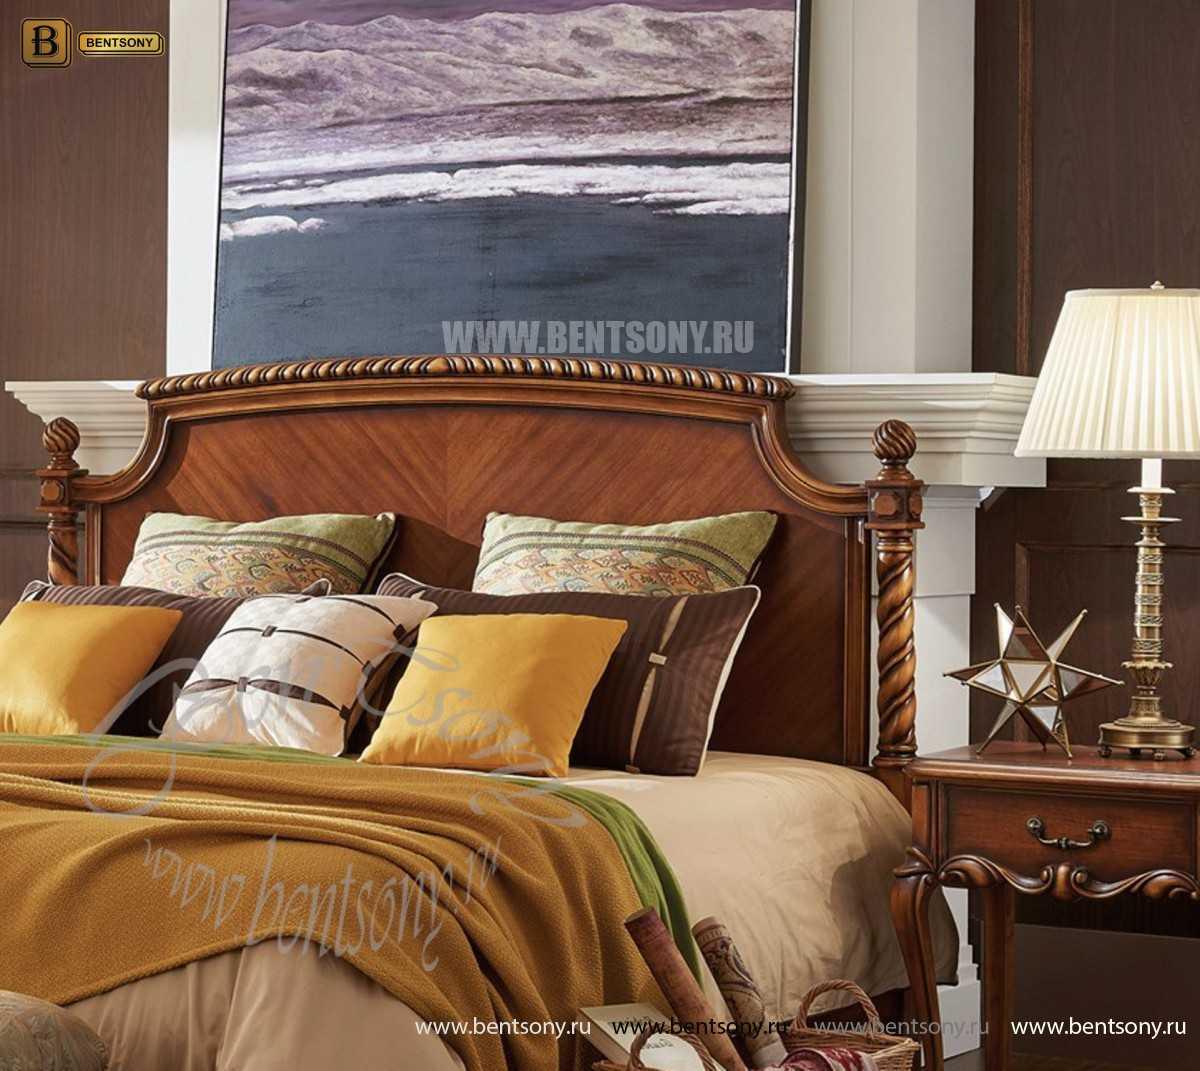 Кровать Лоренс B (Классика, Массив дерева) каталог мебели с ценами